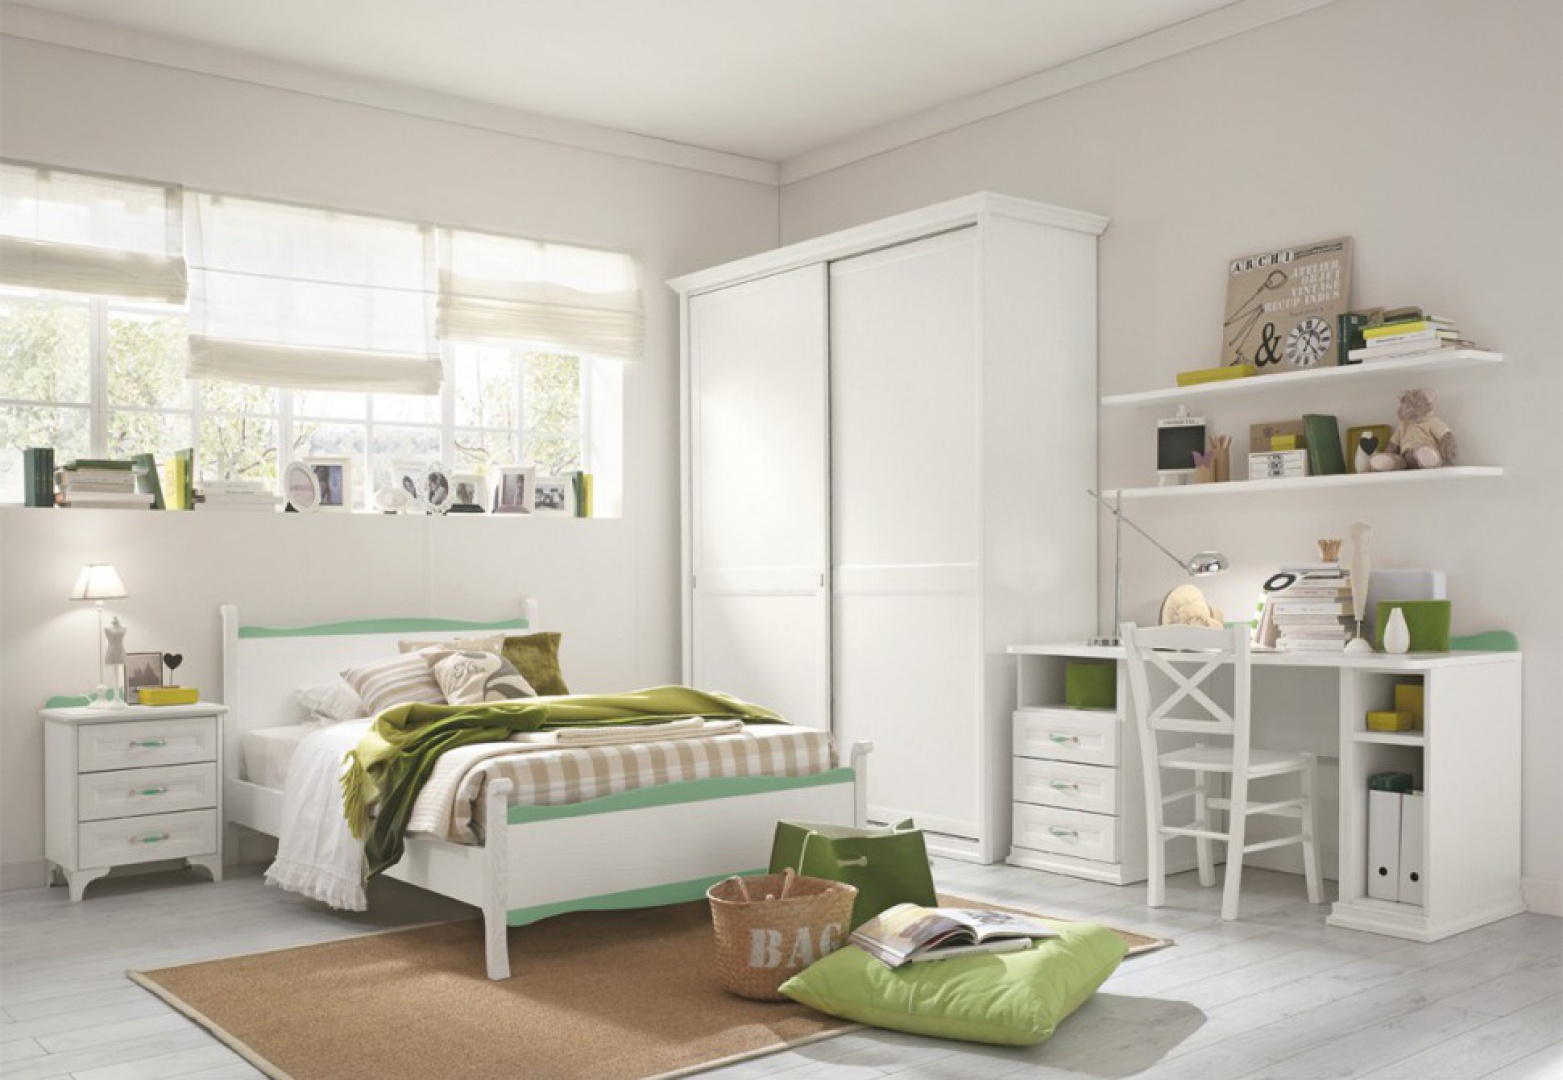 Aranżacja z bielą w roli głównej. Kolor występuje w postaci zielonych dodatków. Fot. Colombini Casa.